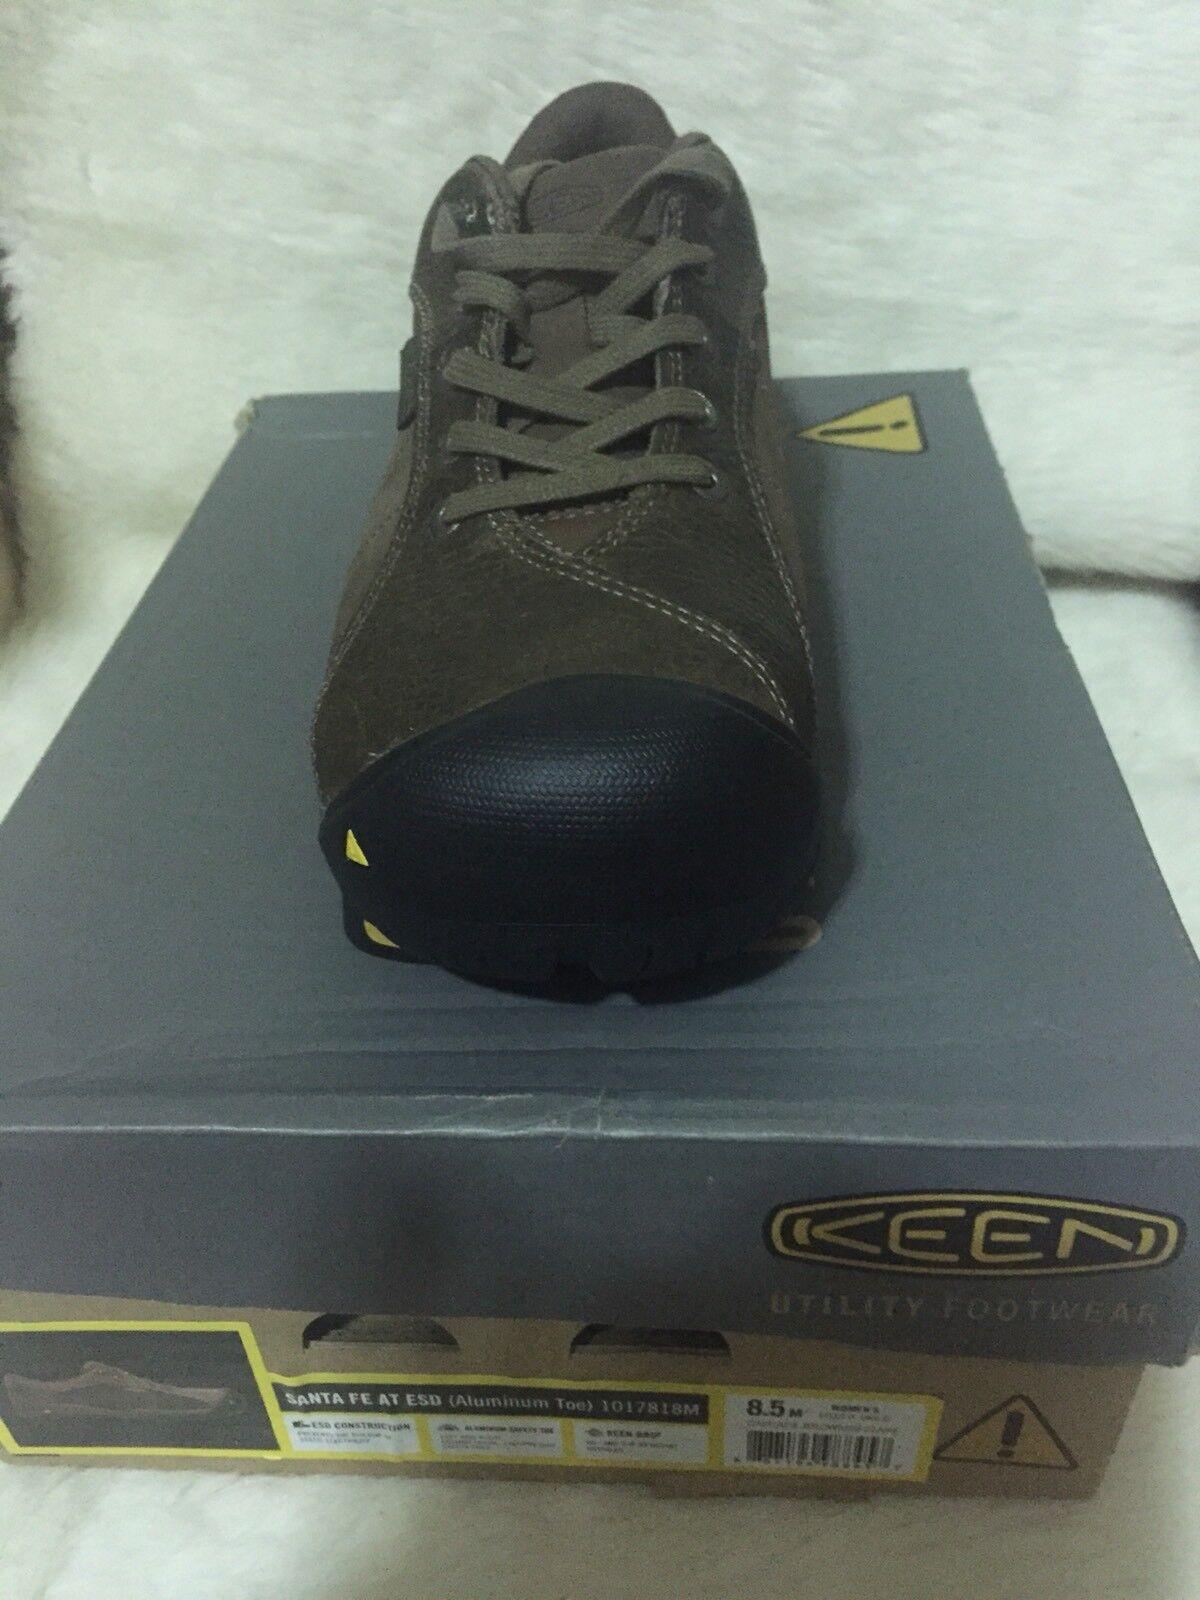 Keen Womens Santa Fe ESD Aluminium Toe Size8.5